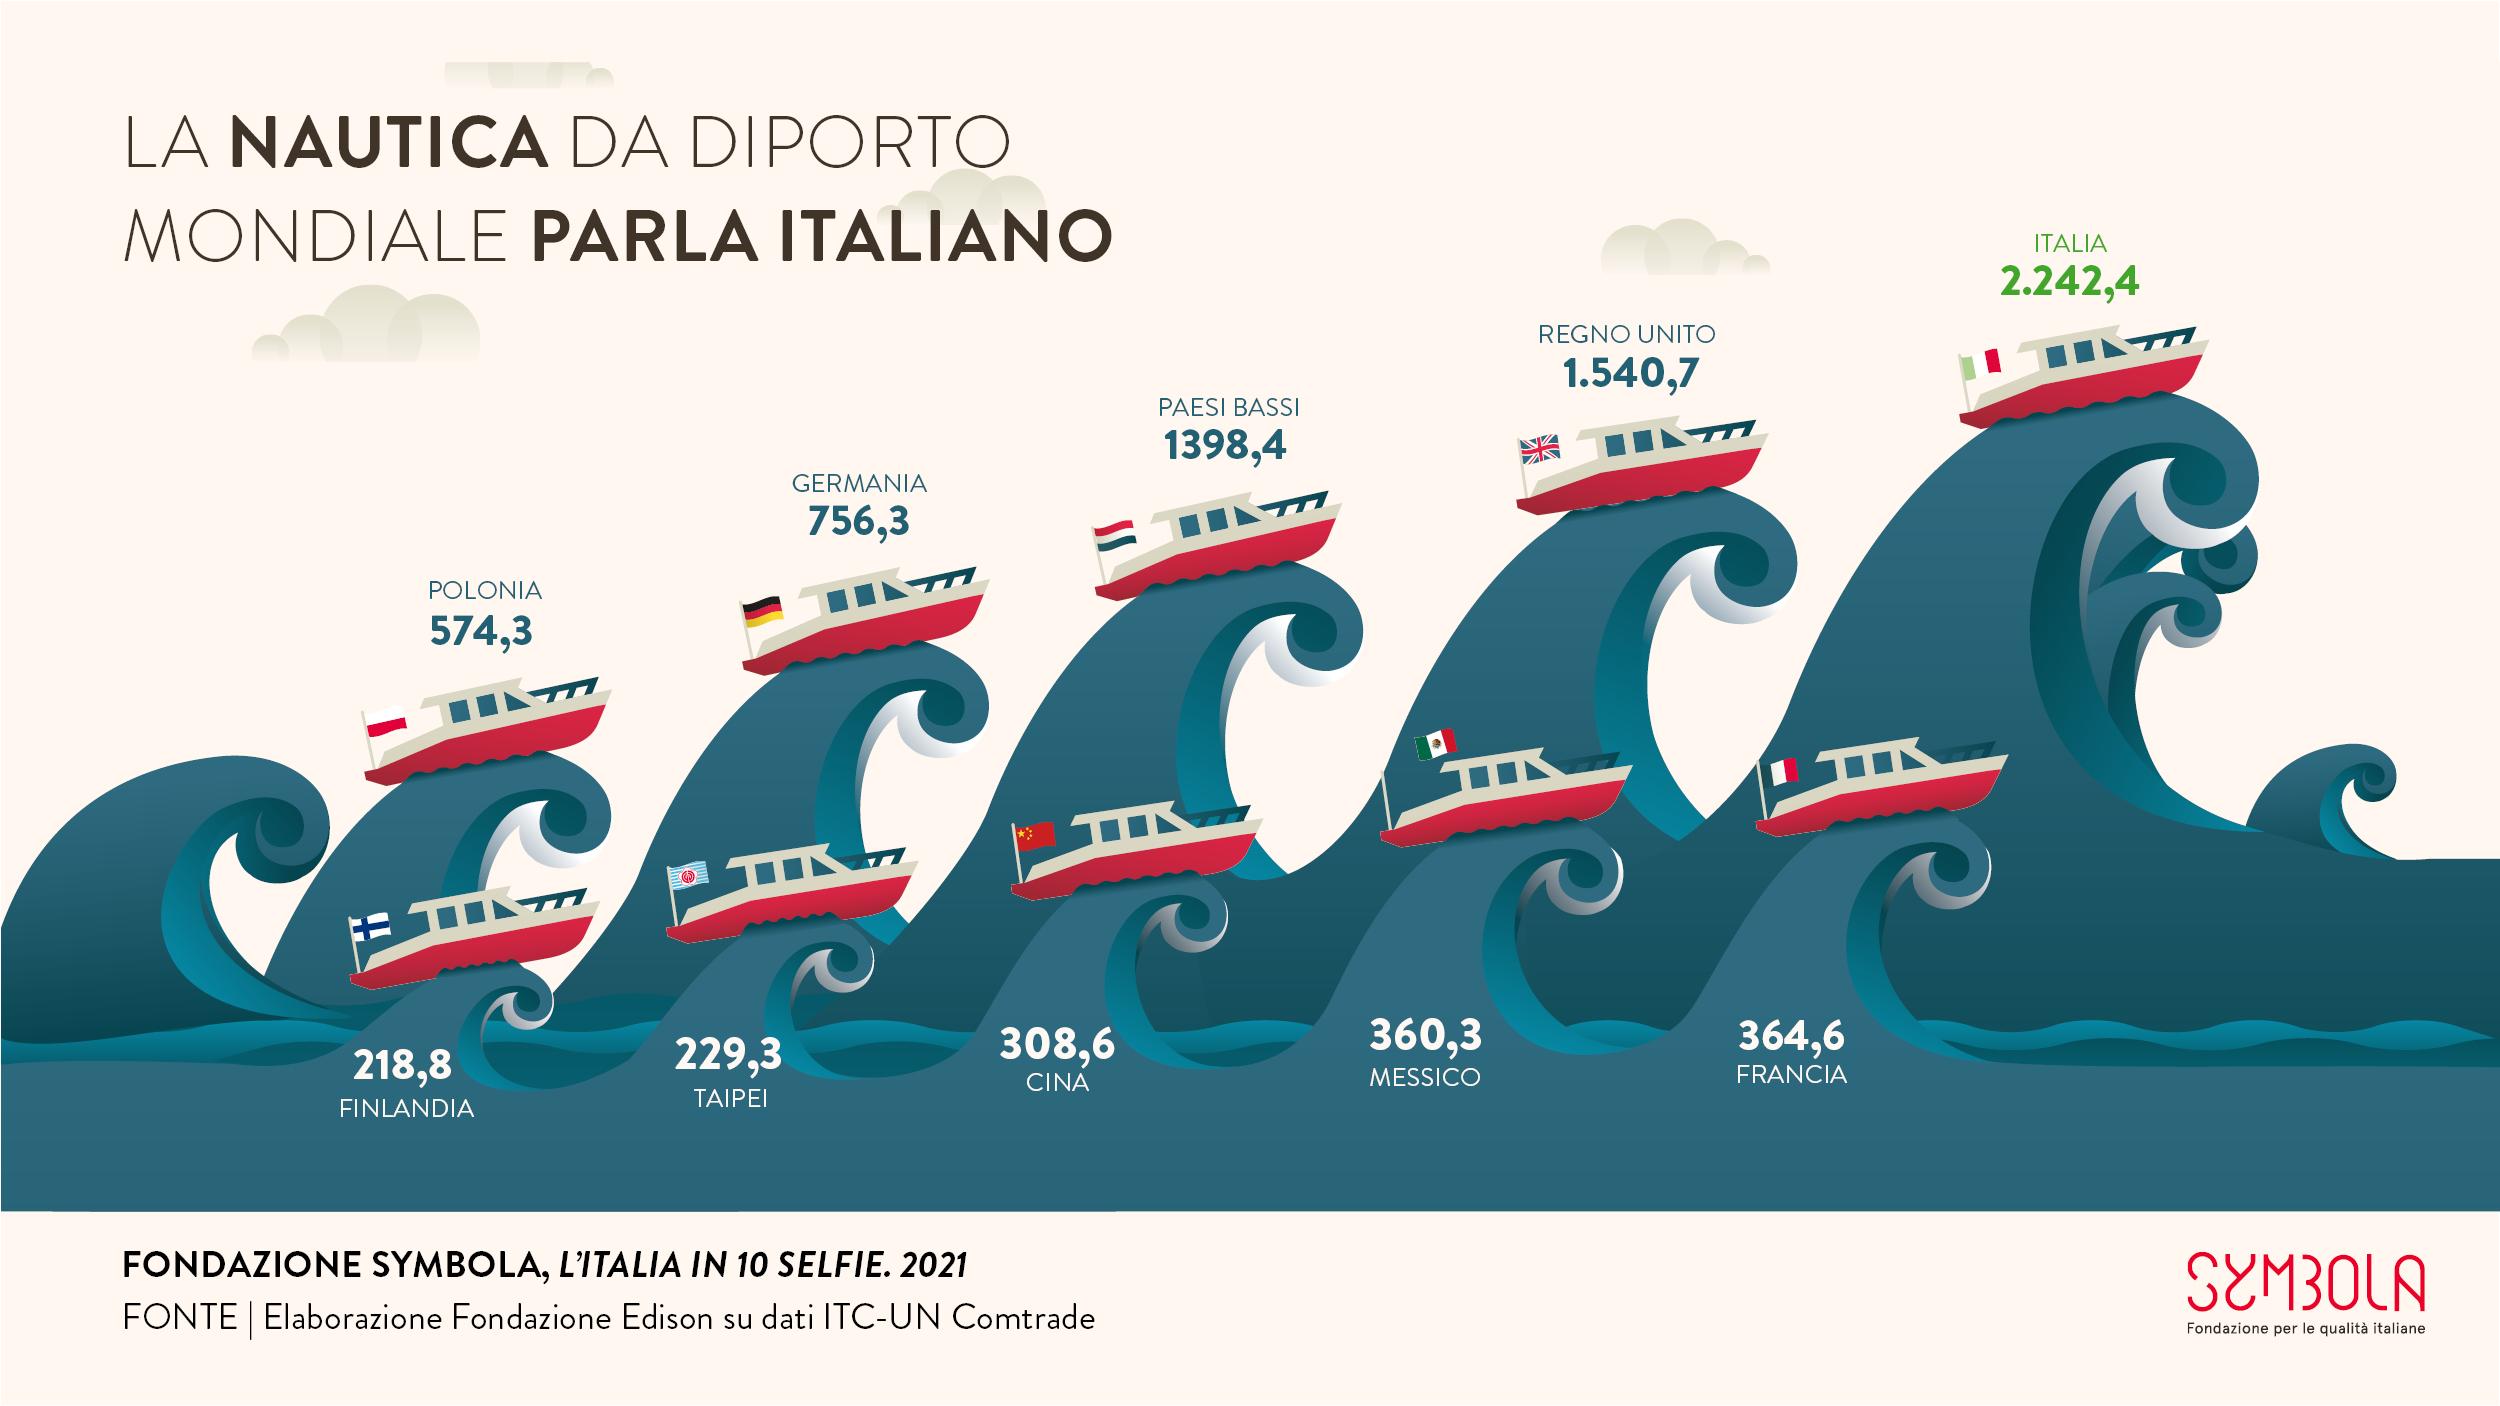 10 selfie 2021: La nautica da diporto mondiale parla italiano #6